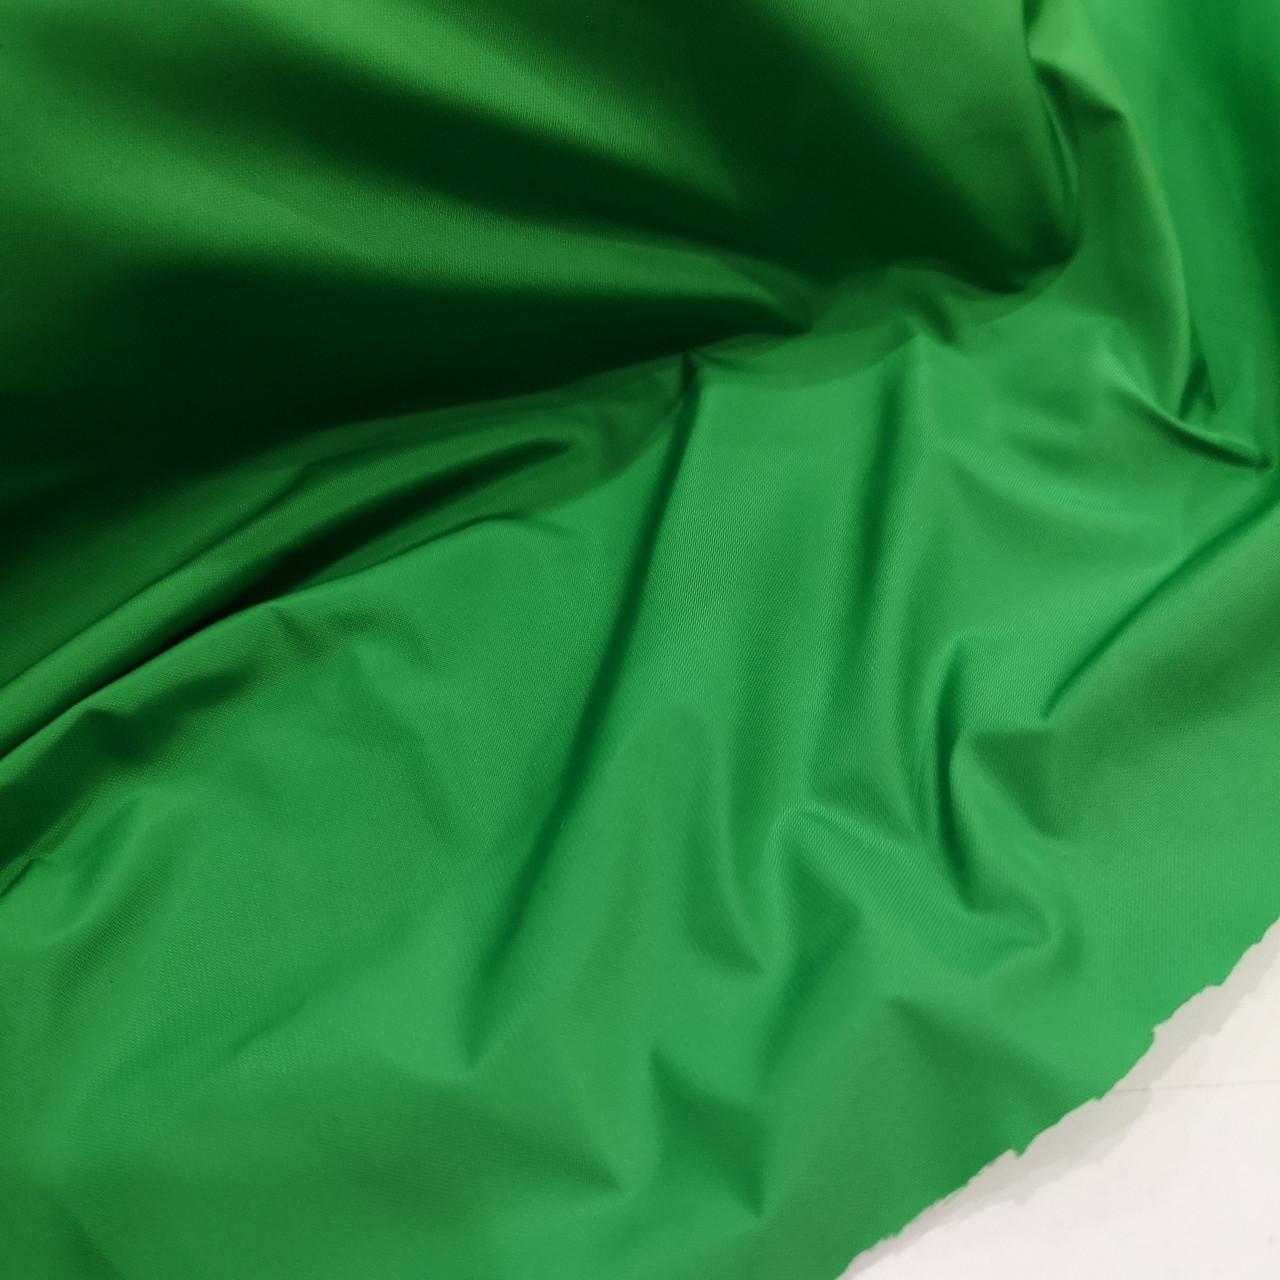 Ткань плащевка канада зеленая